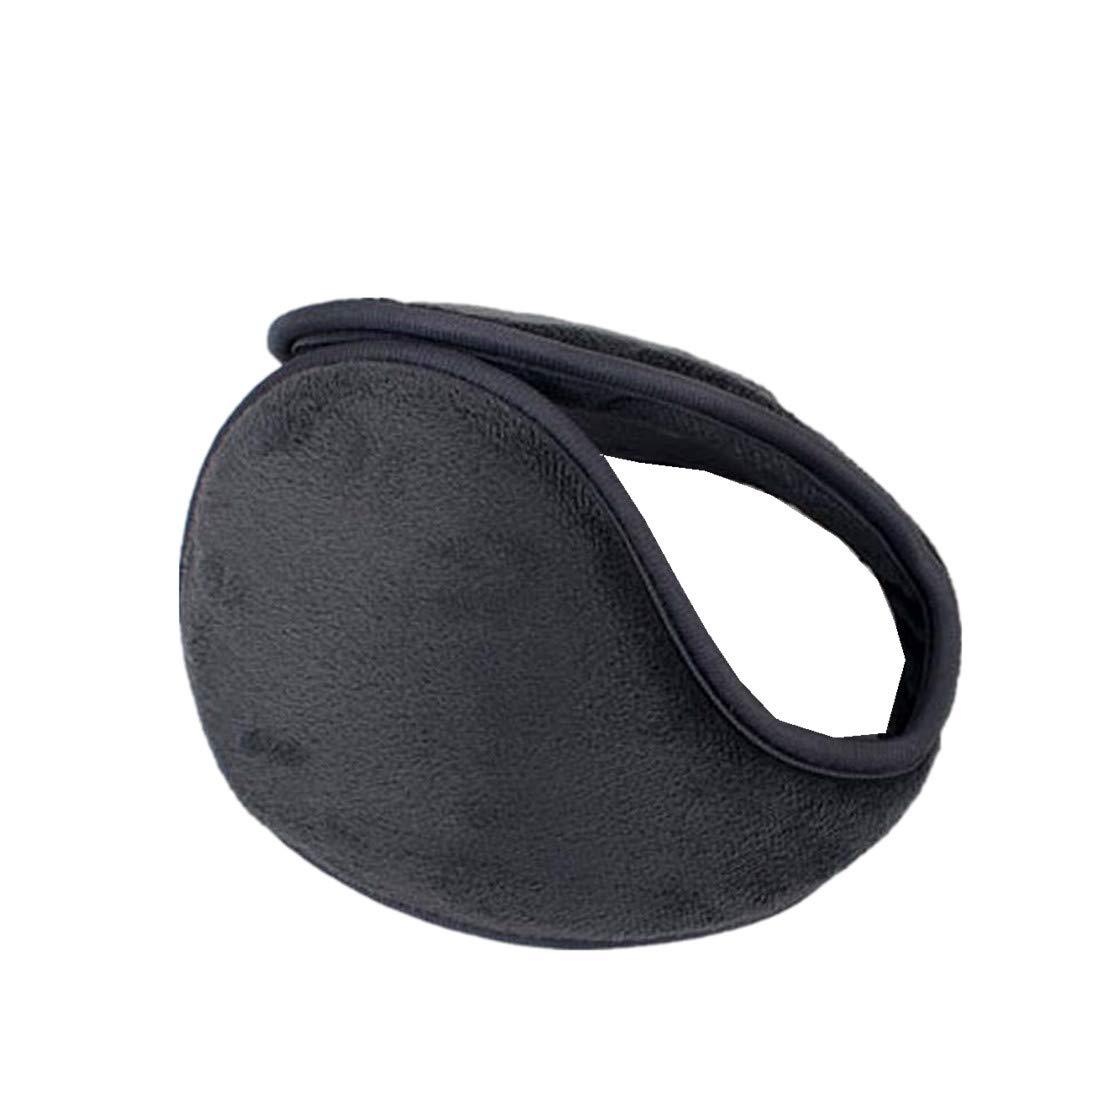 Unisex Winter Plain Warm Plush Earmuffs Ear Warm Ear Warmers